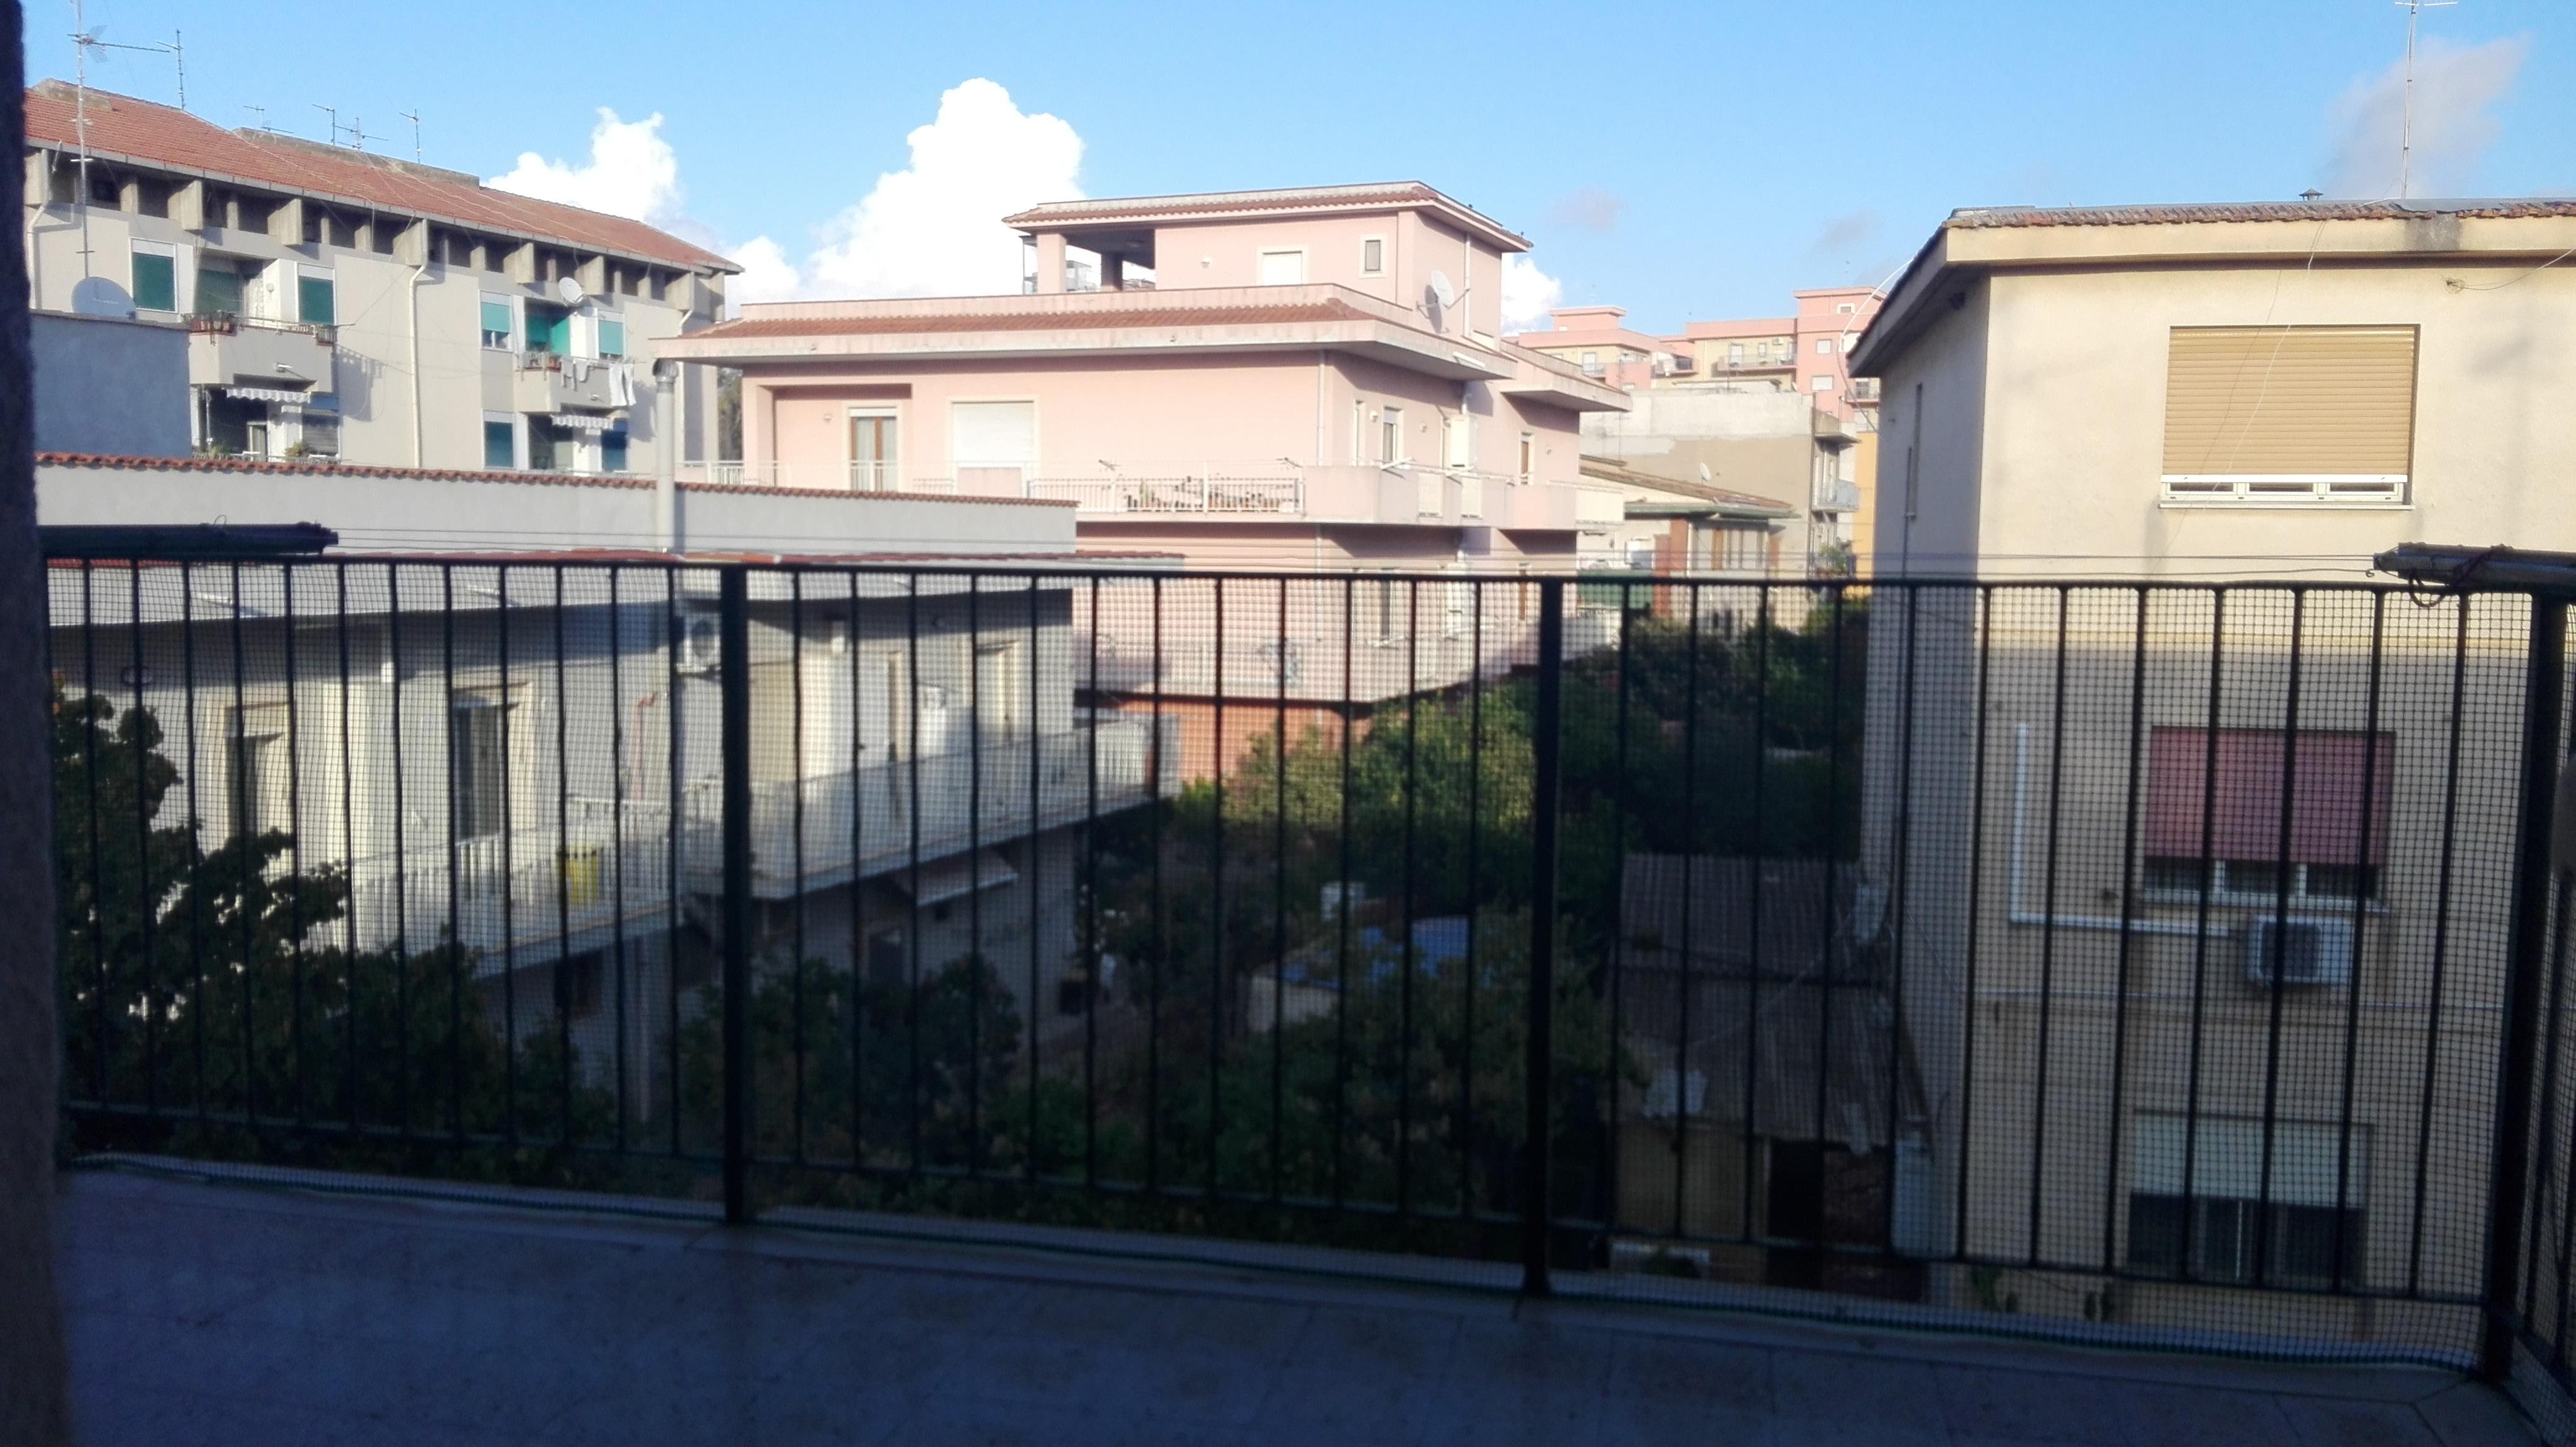 Sciacca immobiliare cod vendesi appartamento del tipo popolare in via f lli bandiera - Immobiliare sciacca ...